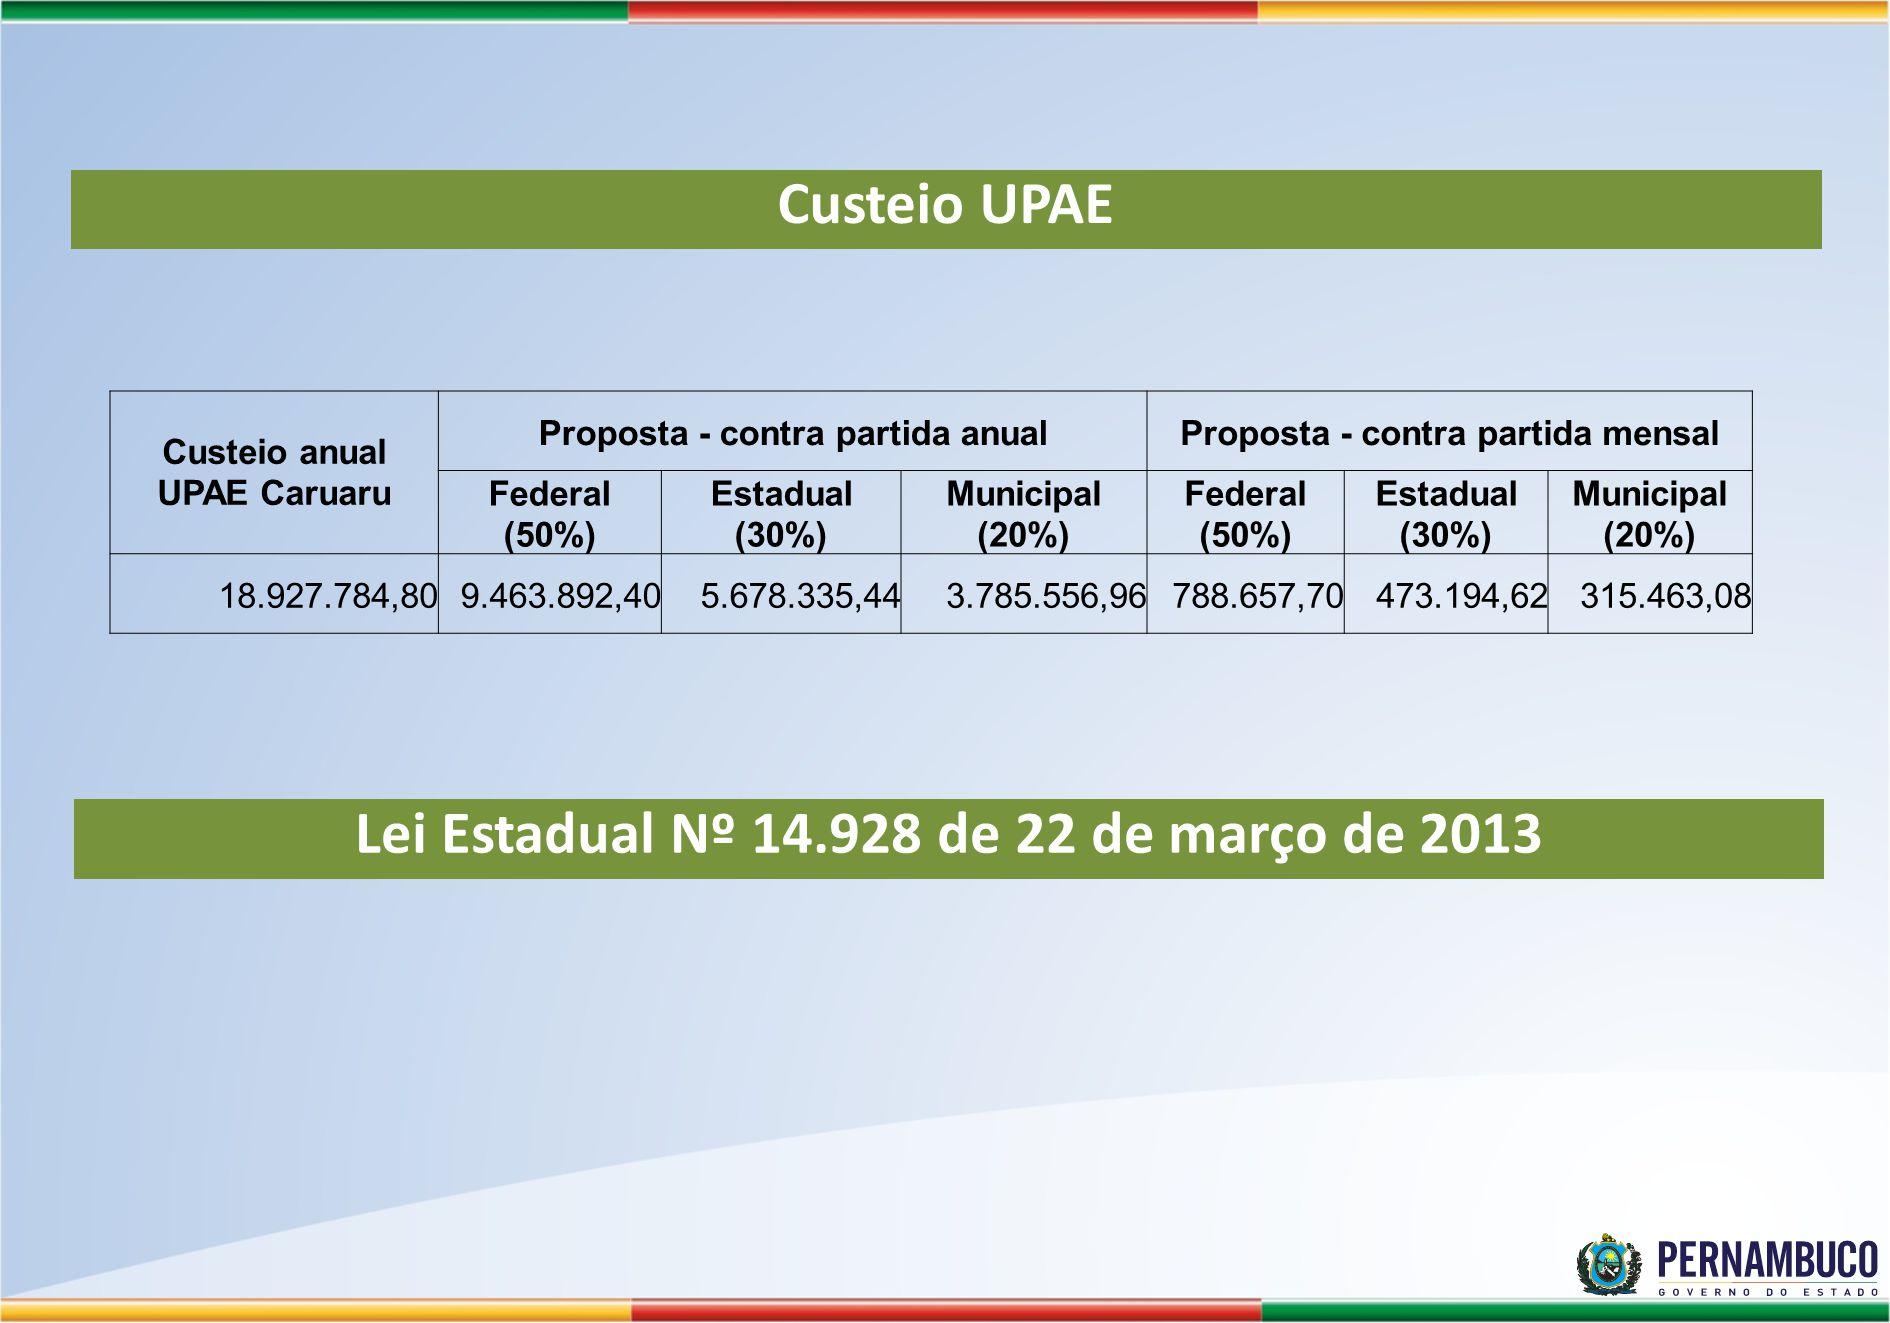 Custeio UPAE Lei Estadual Nº 14.928 de 22 de março de 2013